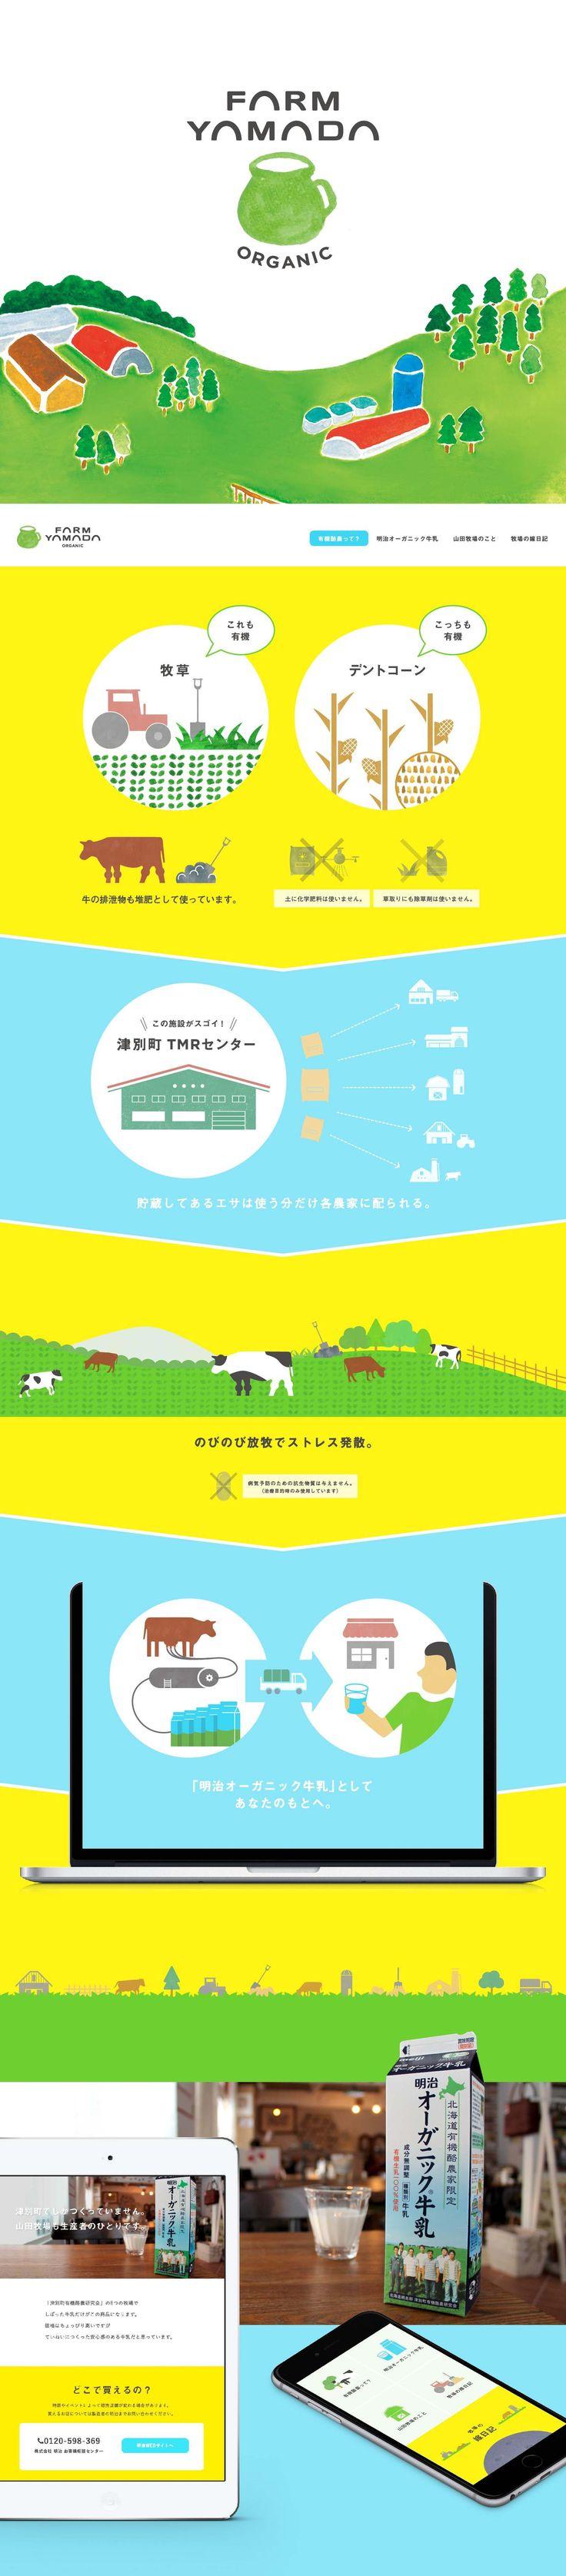 山田牧場 - IMPROVIDE Co.,Ltd.  明治の「オーガニック牛乳」をご存知ですか?北海道内や首都圏の大手スーパー、デパートで見かける方も多いと思います。実はこの牛乳をつくっているのがオホーツク、津別町の数軒の牧場です。山田さんはそのうちの一軒。お父さんが築いてきた有機酪農の礎を、息子さん夫婦が受け継いでいます。で、HPをリニューアルしたいというお話があり、このデザインに至りました。有機農業を知っている人は多いかと思いますが、「有機酪農」は意外と知られていません。そこの部分を自社のHPでわかりやすく伝えるというのがいちばんの命題。有機酪農とは要するに有機農法で栽培した飼料を牛に与え、その牛たちから搾った牛乳だけを一元出荷してオーガニックの牛乳としてお届けする、というものです。なるべく文字を少なくしてビジュアルで表現できるよう配慮しました。1パック400円程度で高価な牛乳ですが、それだけの価値がある商品です。売場で見かけたら、ぜひお試しください。